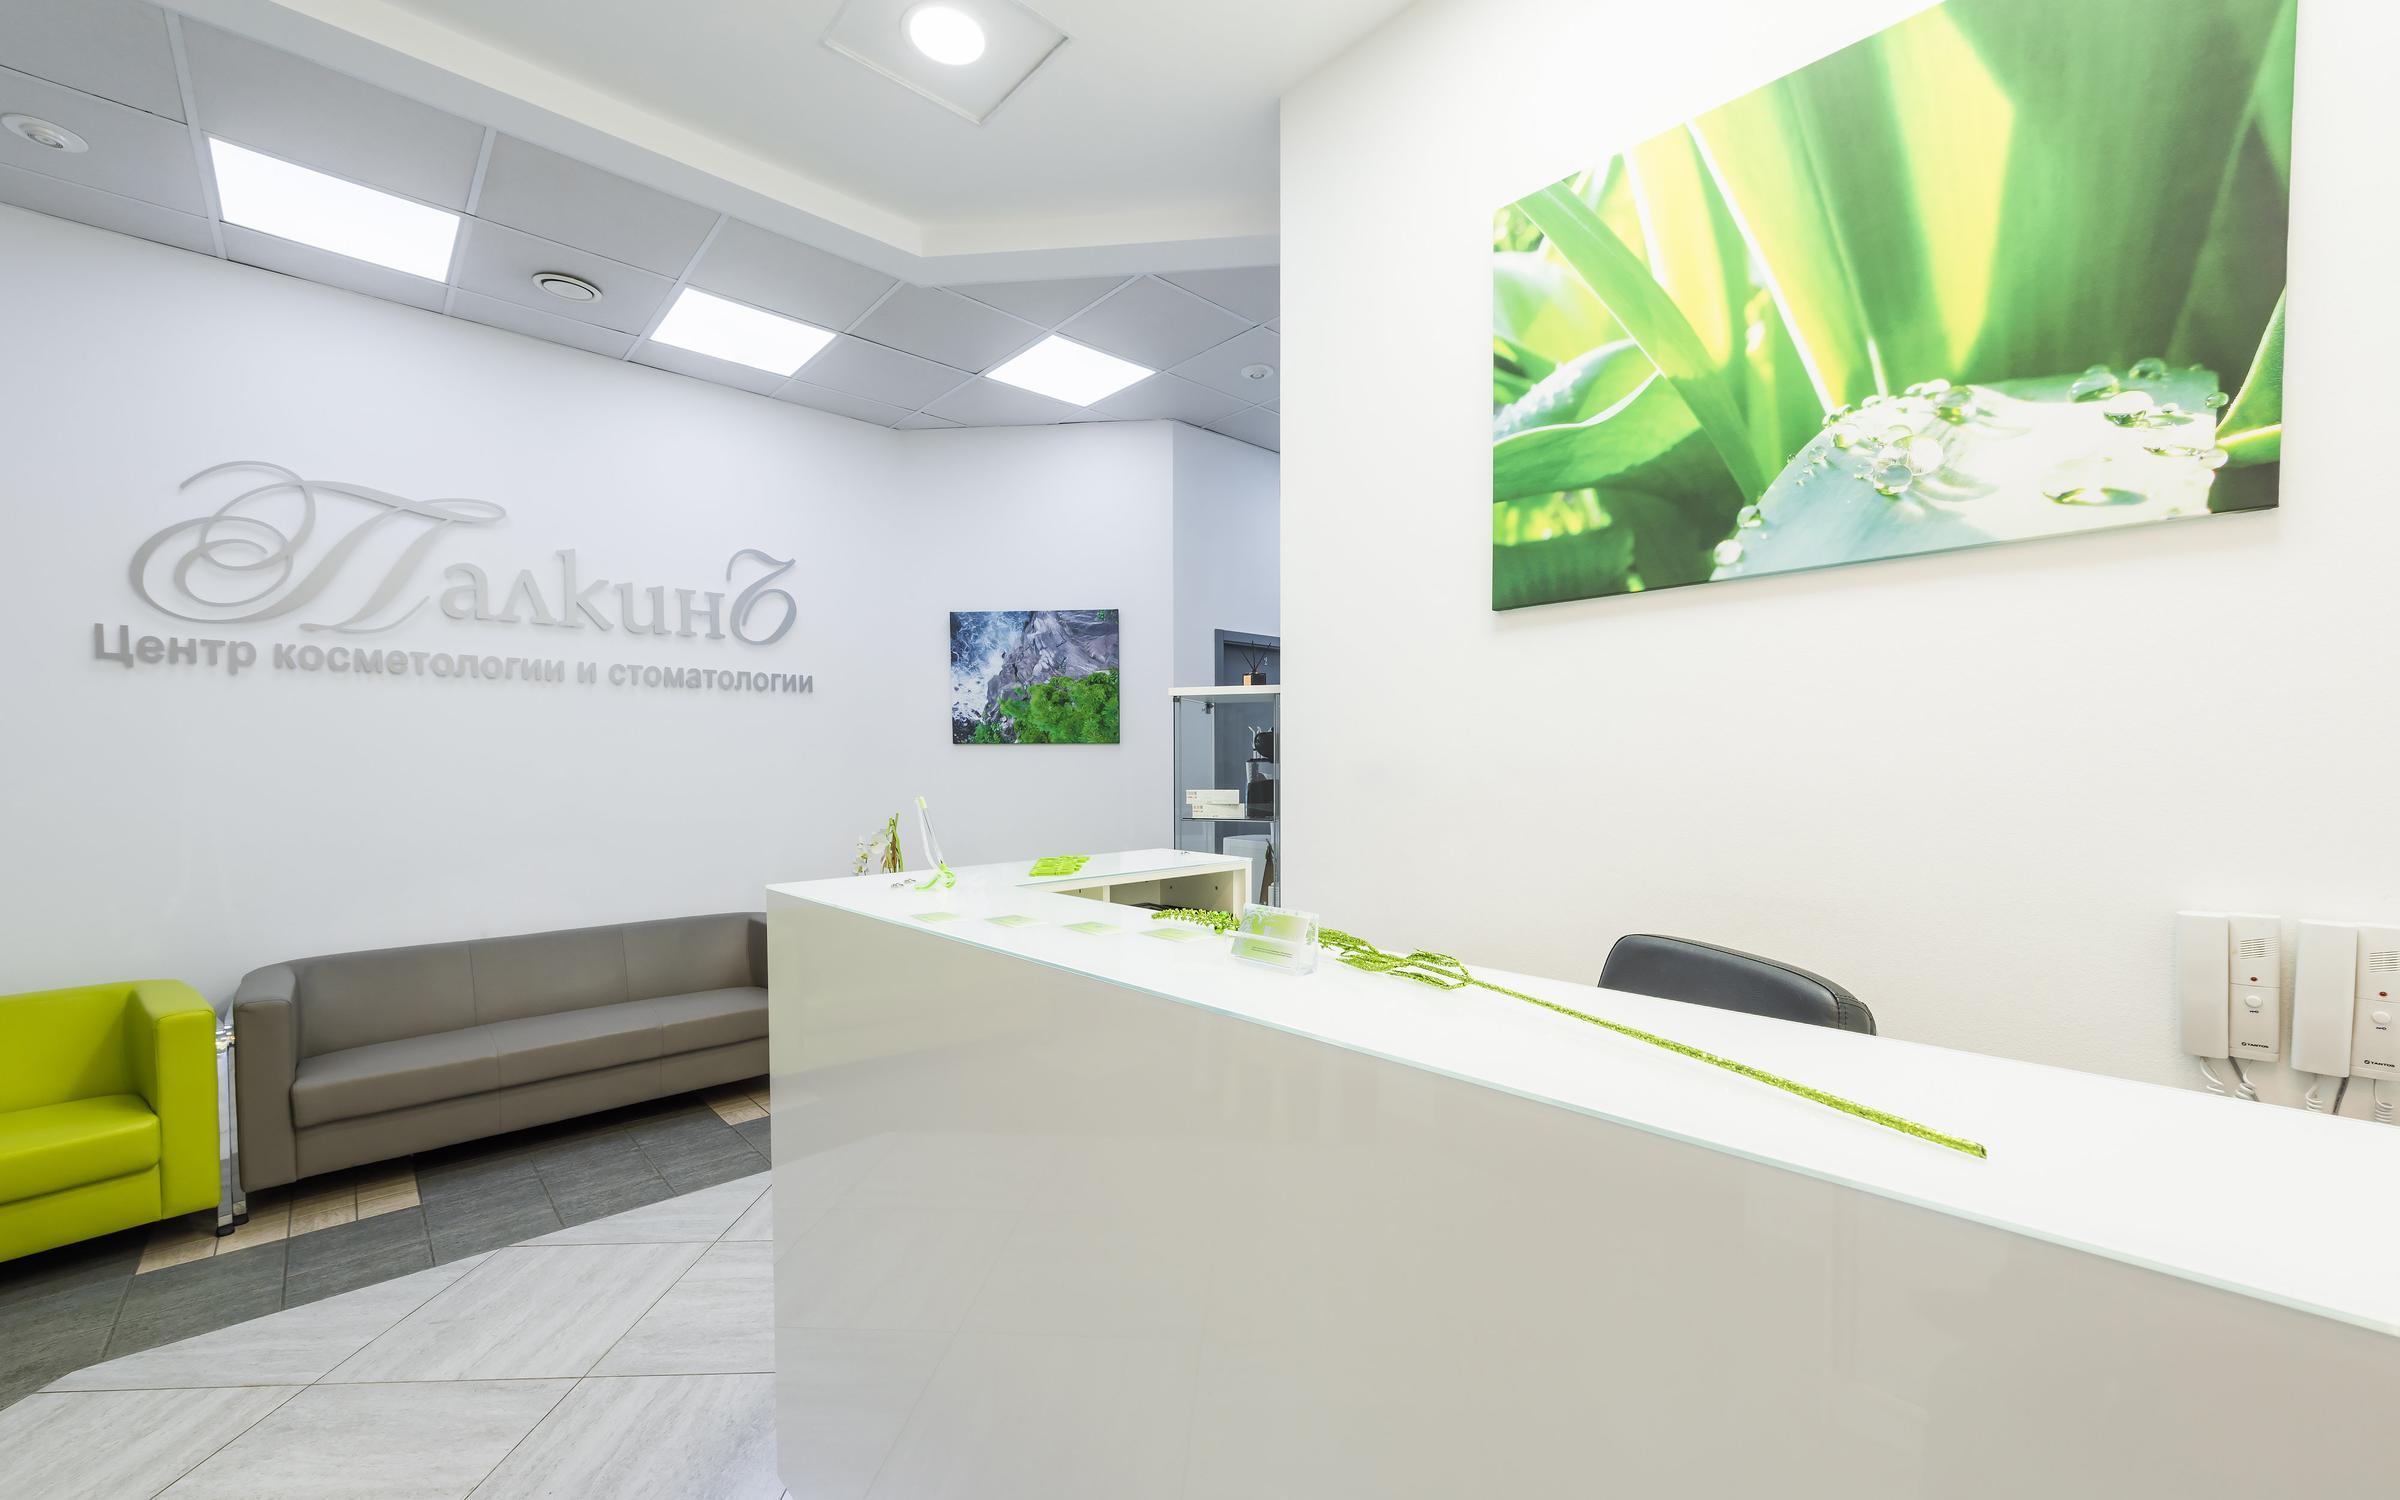 фотография Центра косметологии и стоматологии Палкинъ у метро Петроградская